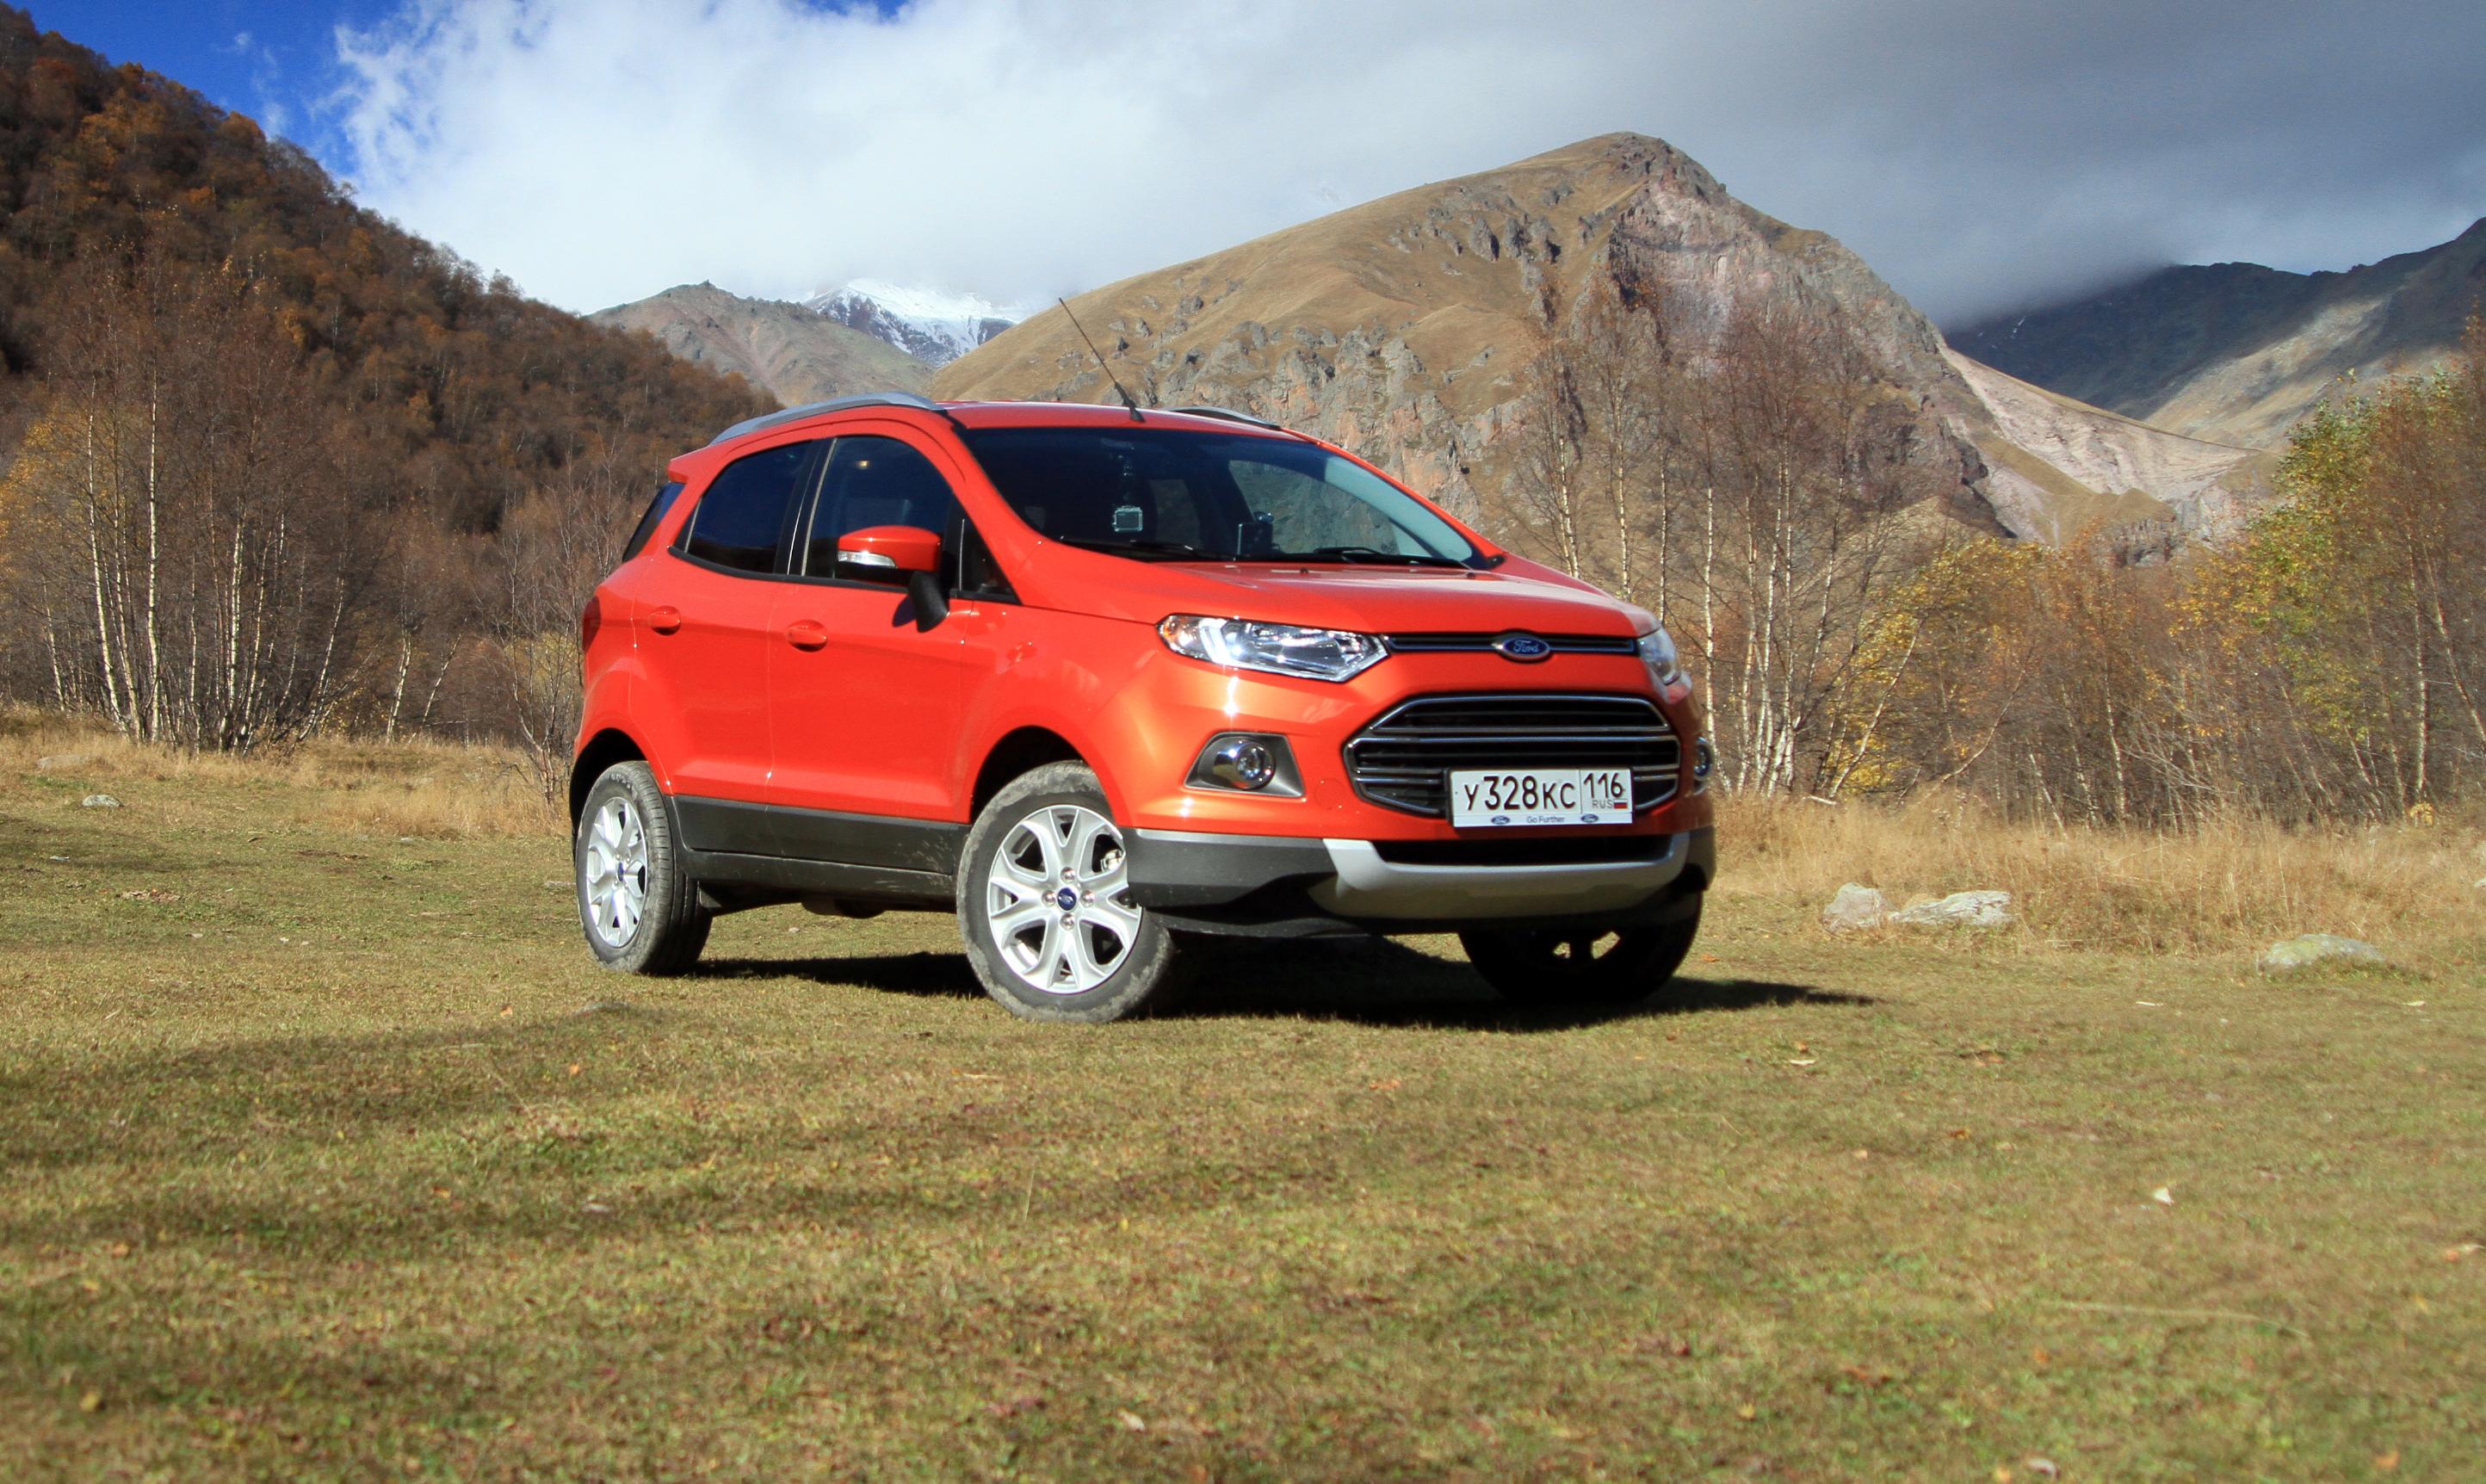 Дорога к храму: мучаем новый кроссовер Ford EcoSport горами и перевалами